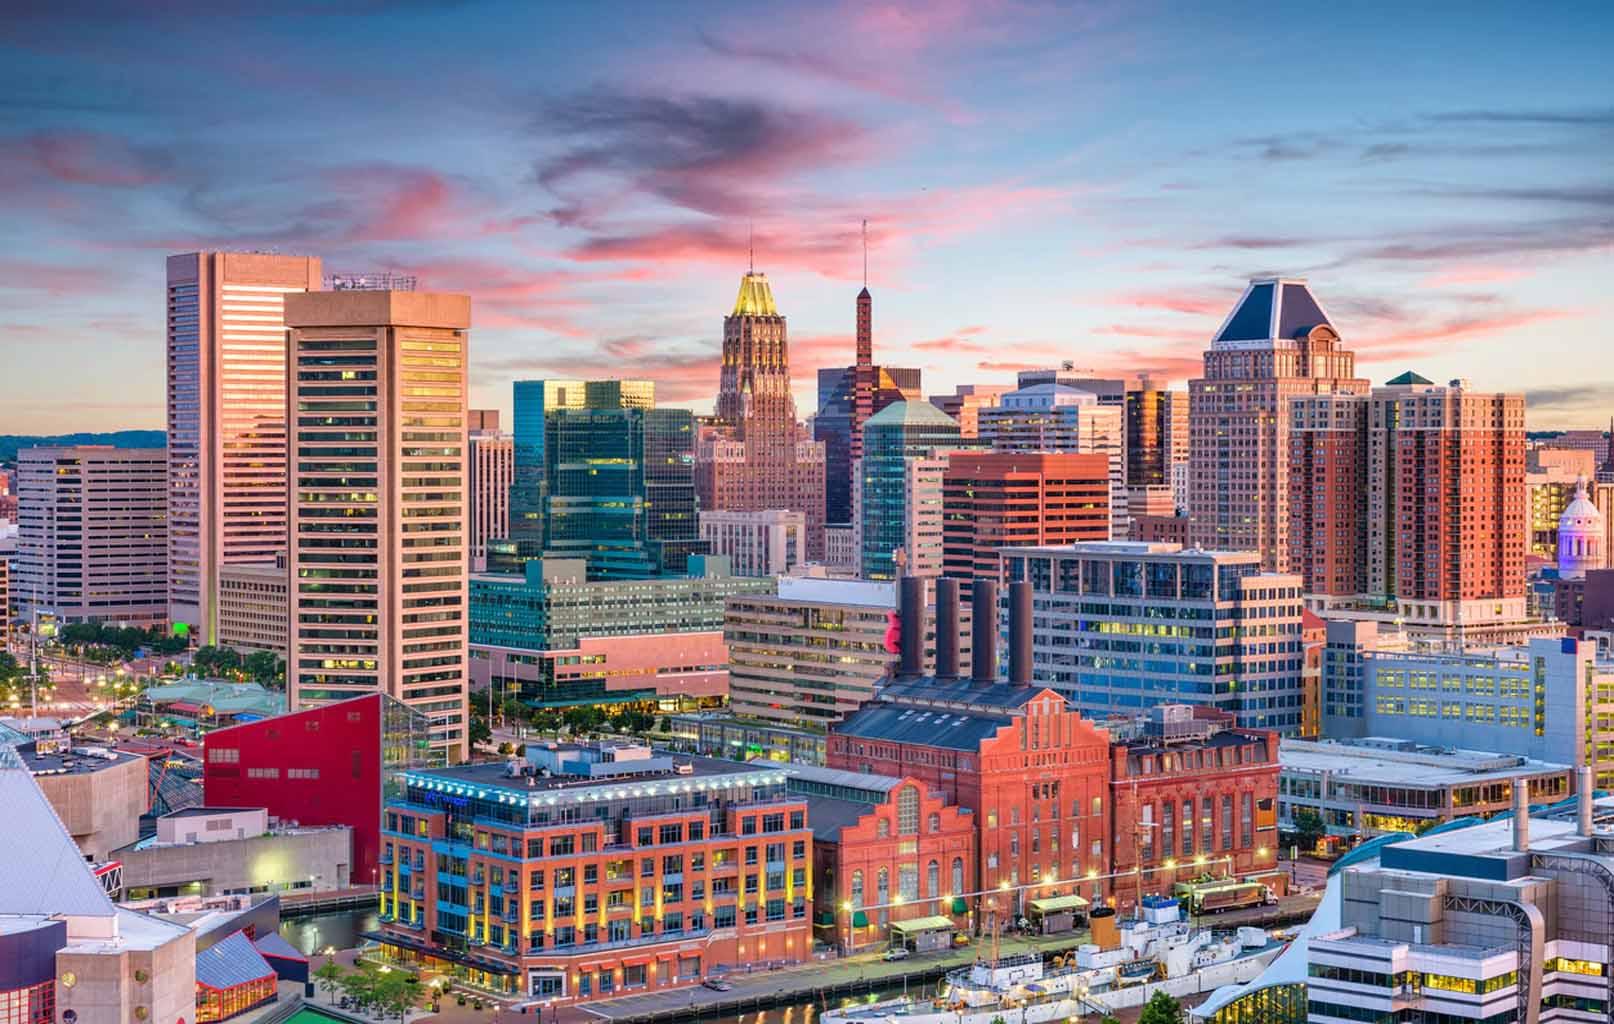 Bang Baltimore